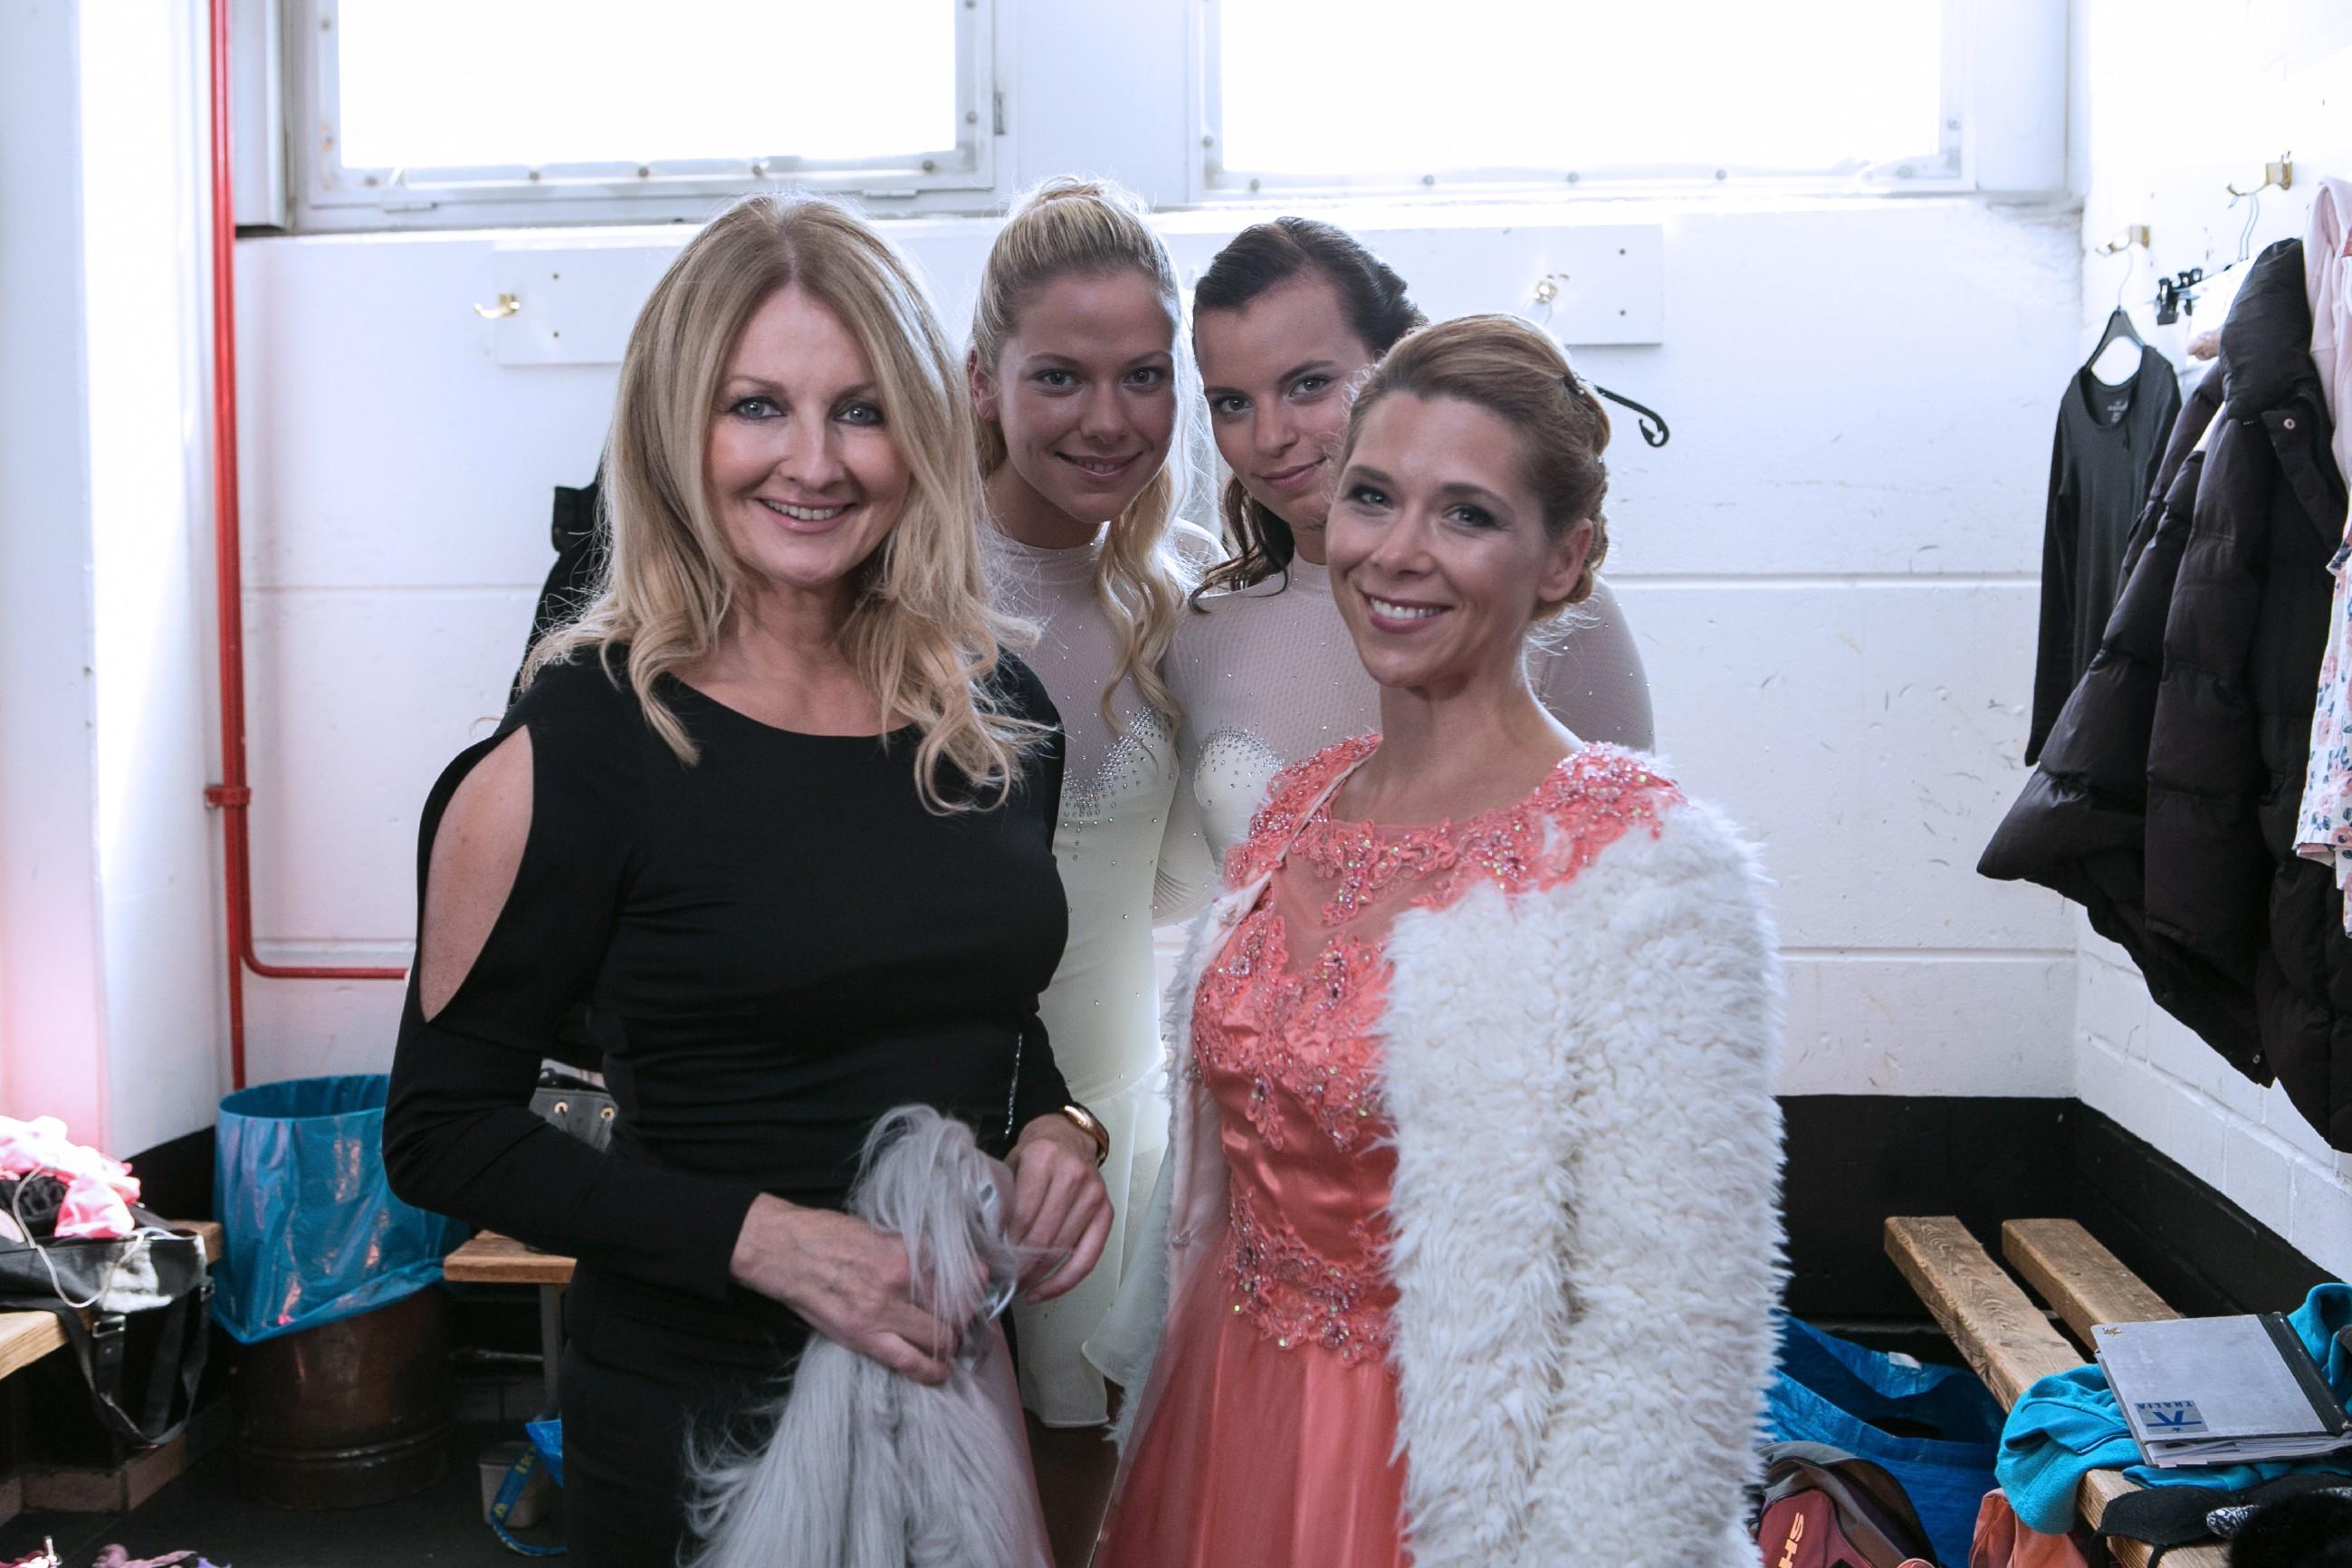 Diana (Tanja Szewczenko, r.) und die Moderatorin Frauke Ludowig (l.) mit Michelle (Franziska Benz, 2.v.r.) und Marie (Cheyenne Pahde, 2.v.l.)